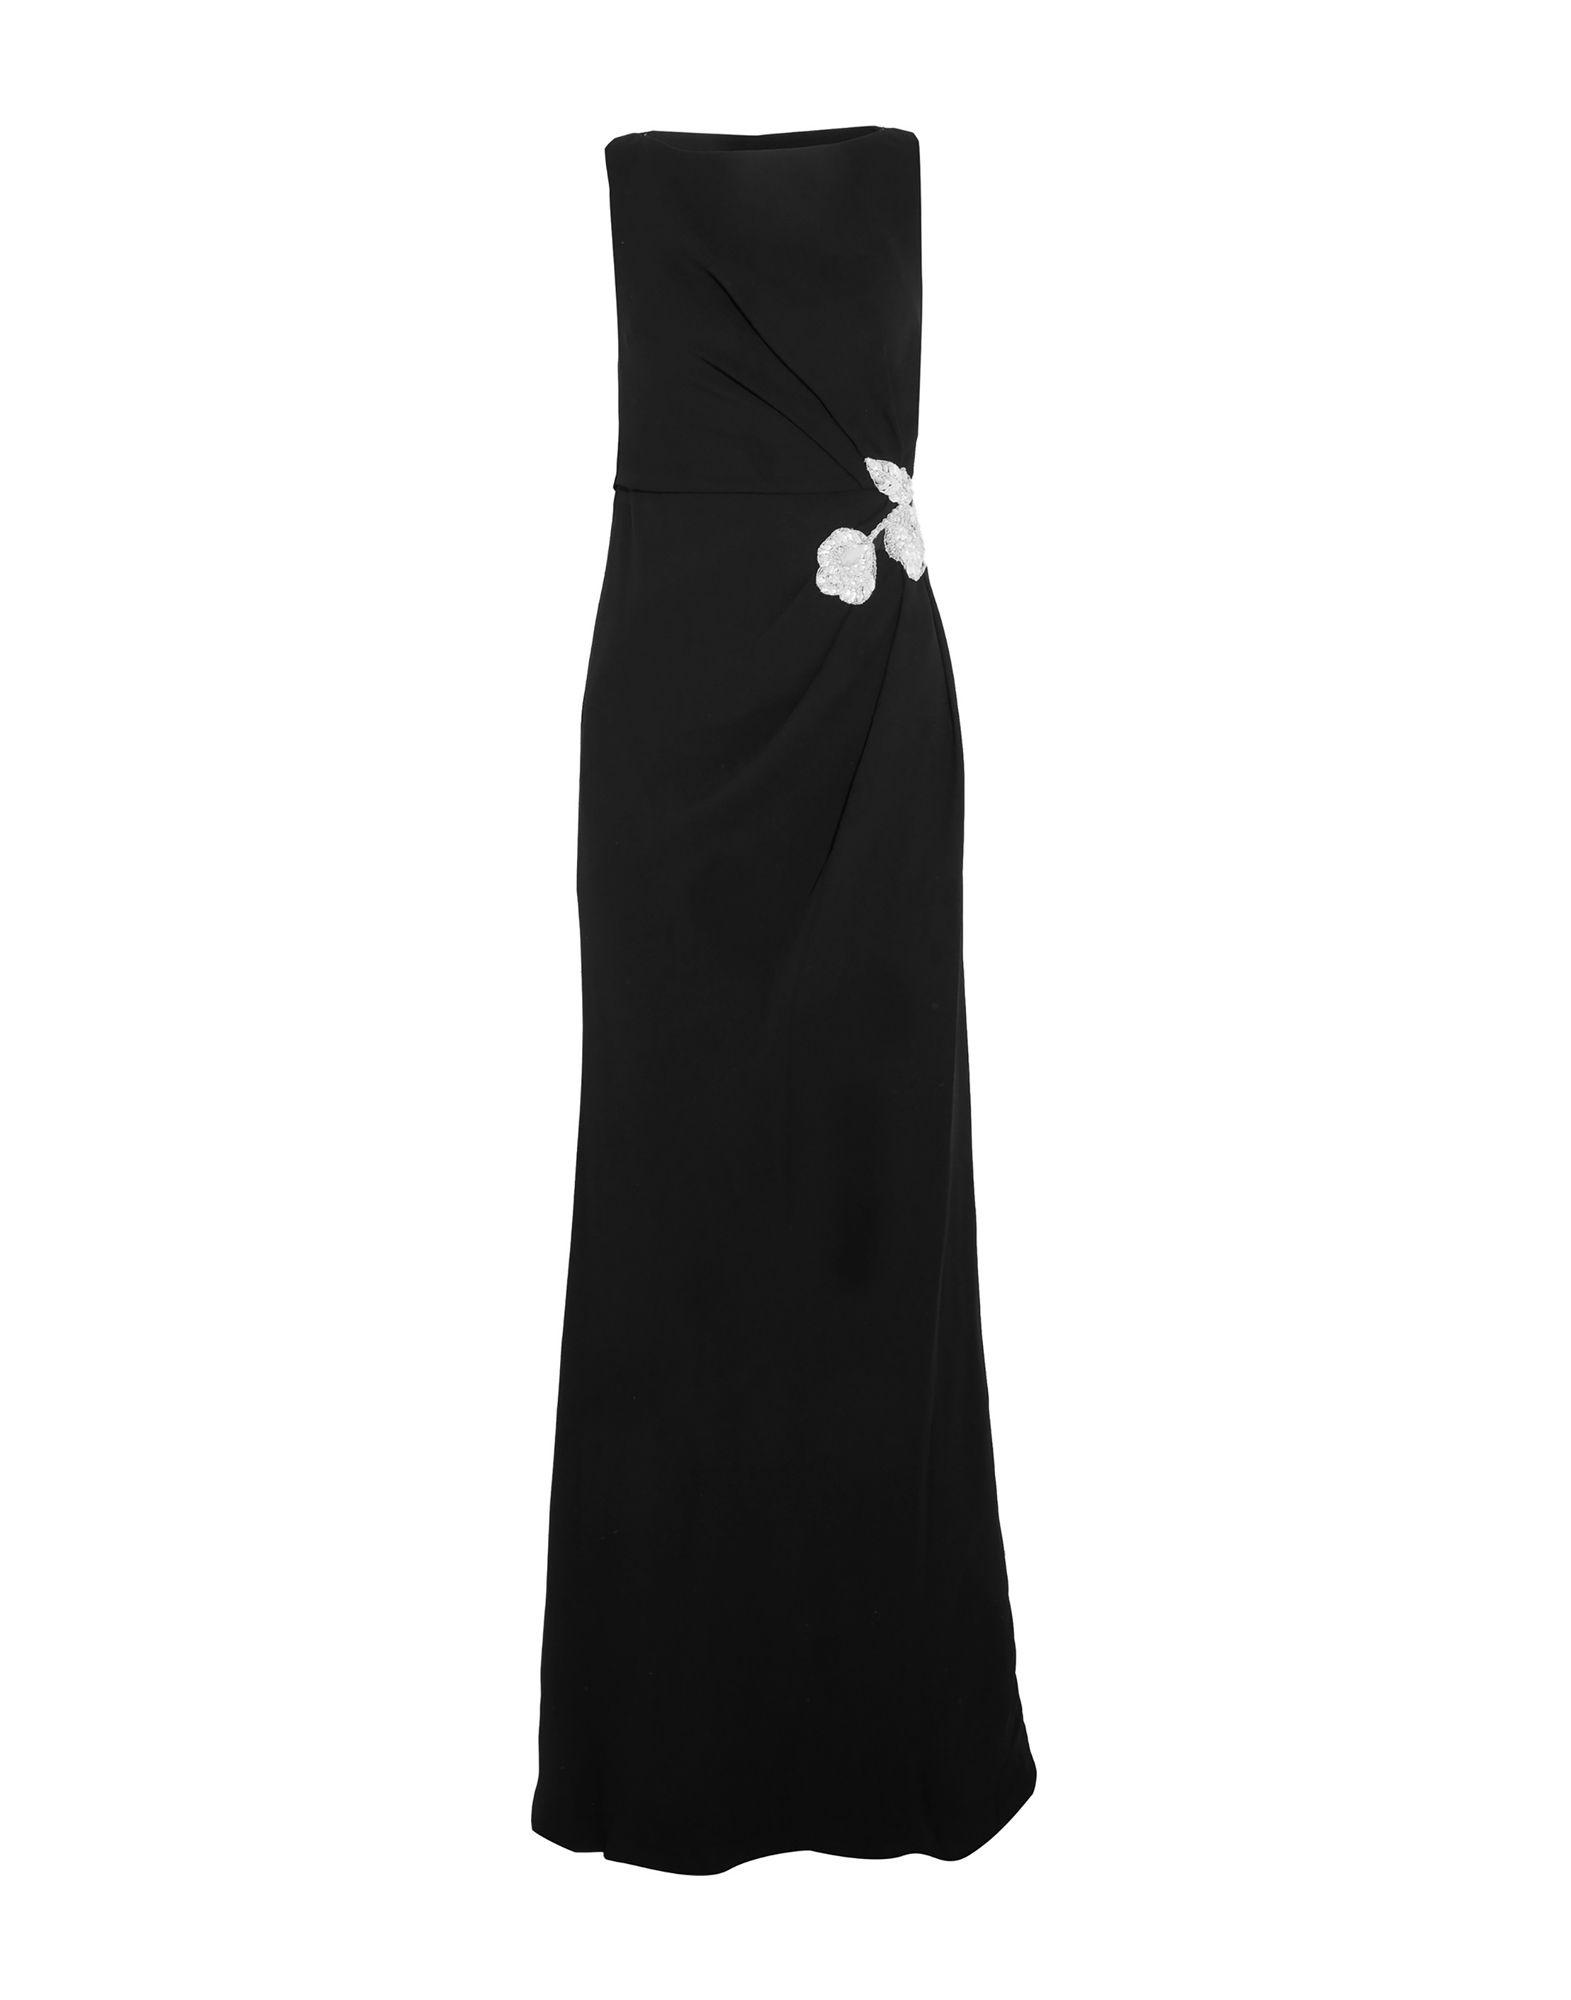 RAOUL Длинное платье cocoepps женщин большой размер длинное платье 2017 плюс размер дамы o шеи без рукавов танк summer maxi платья